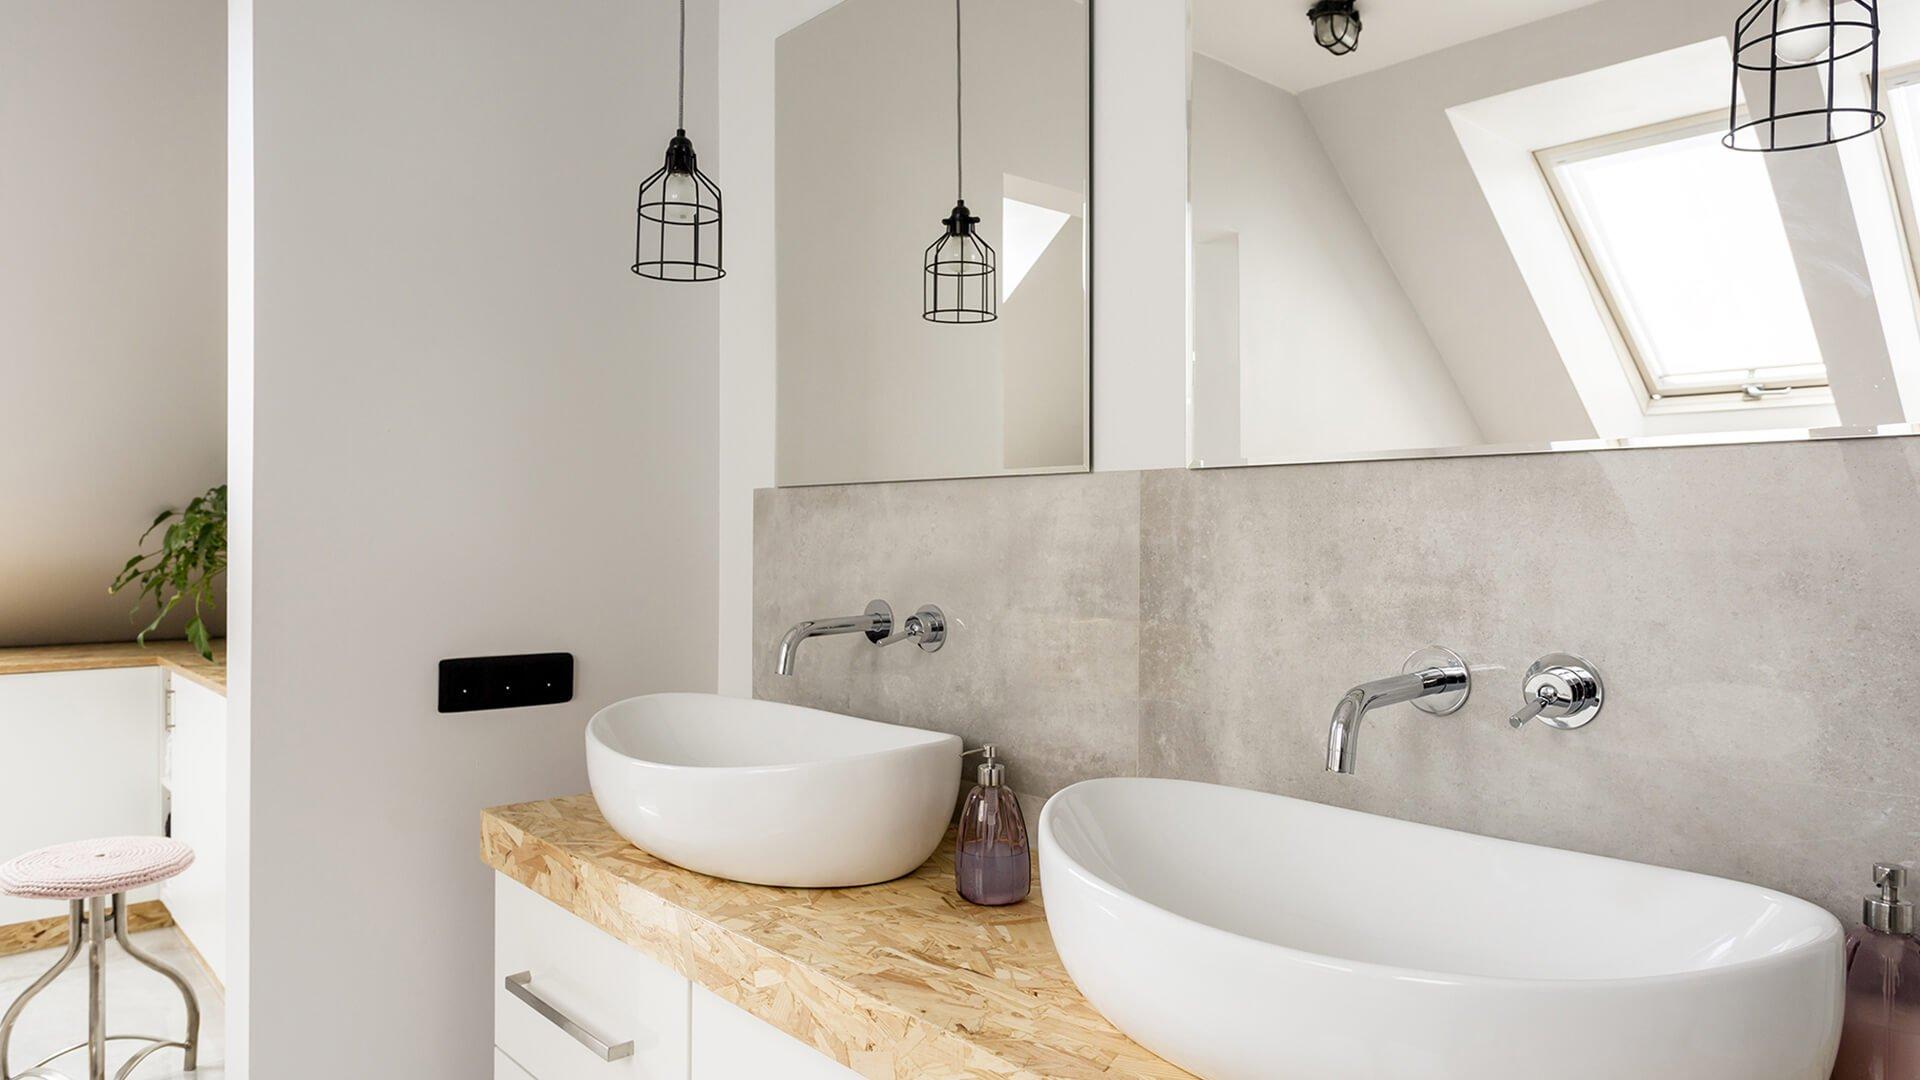 luxury-Bath-room-interior-design